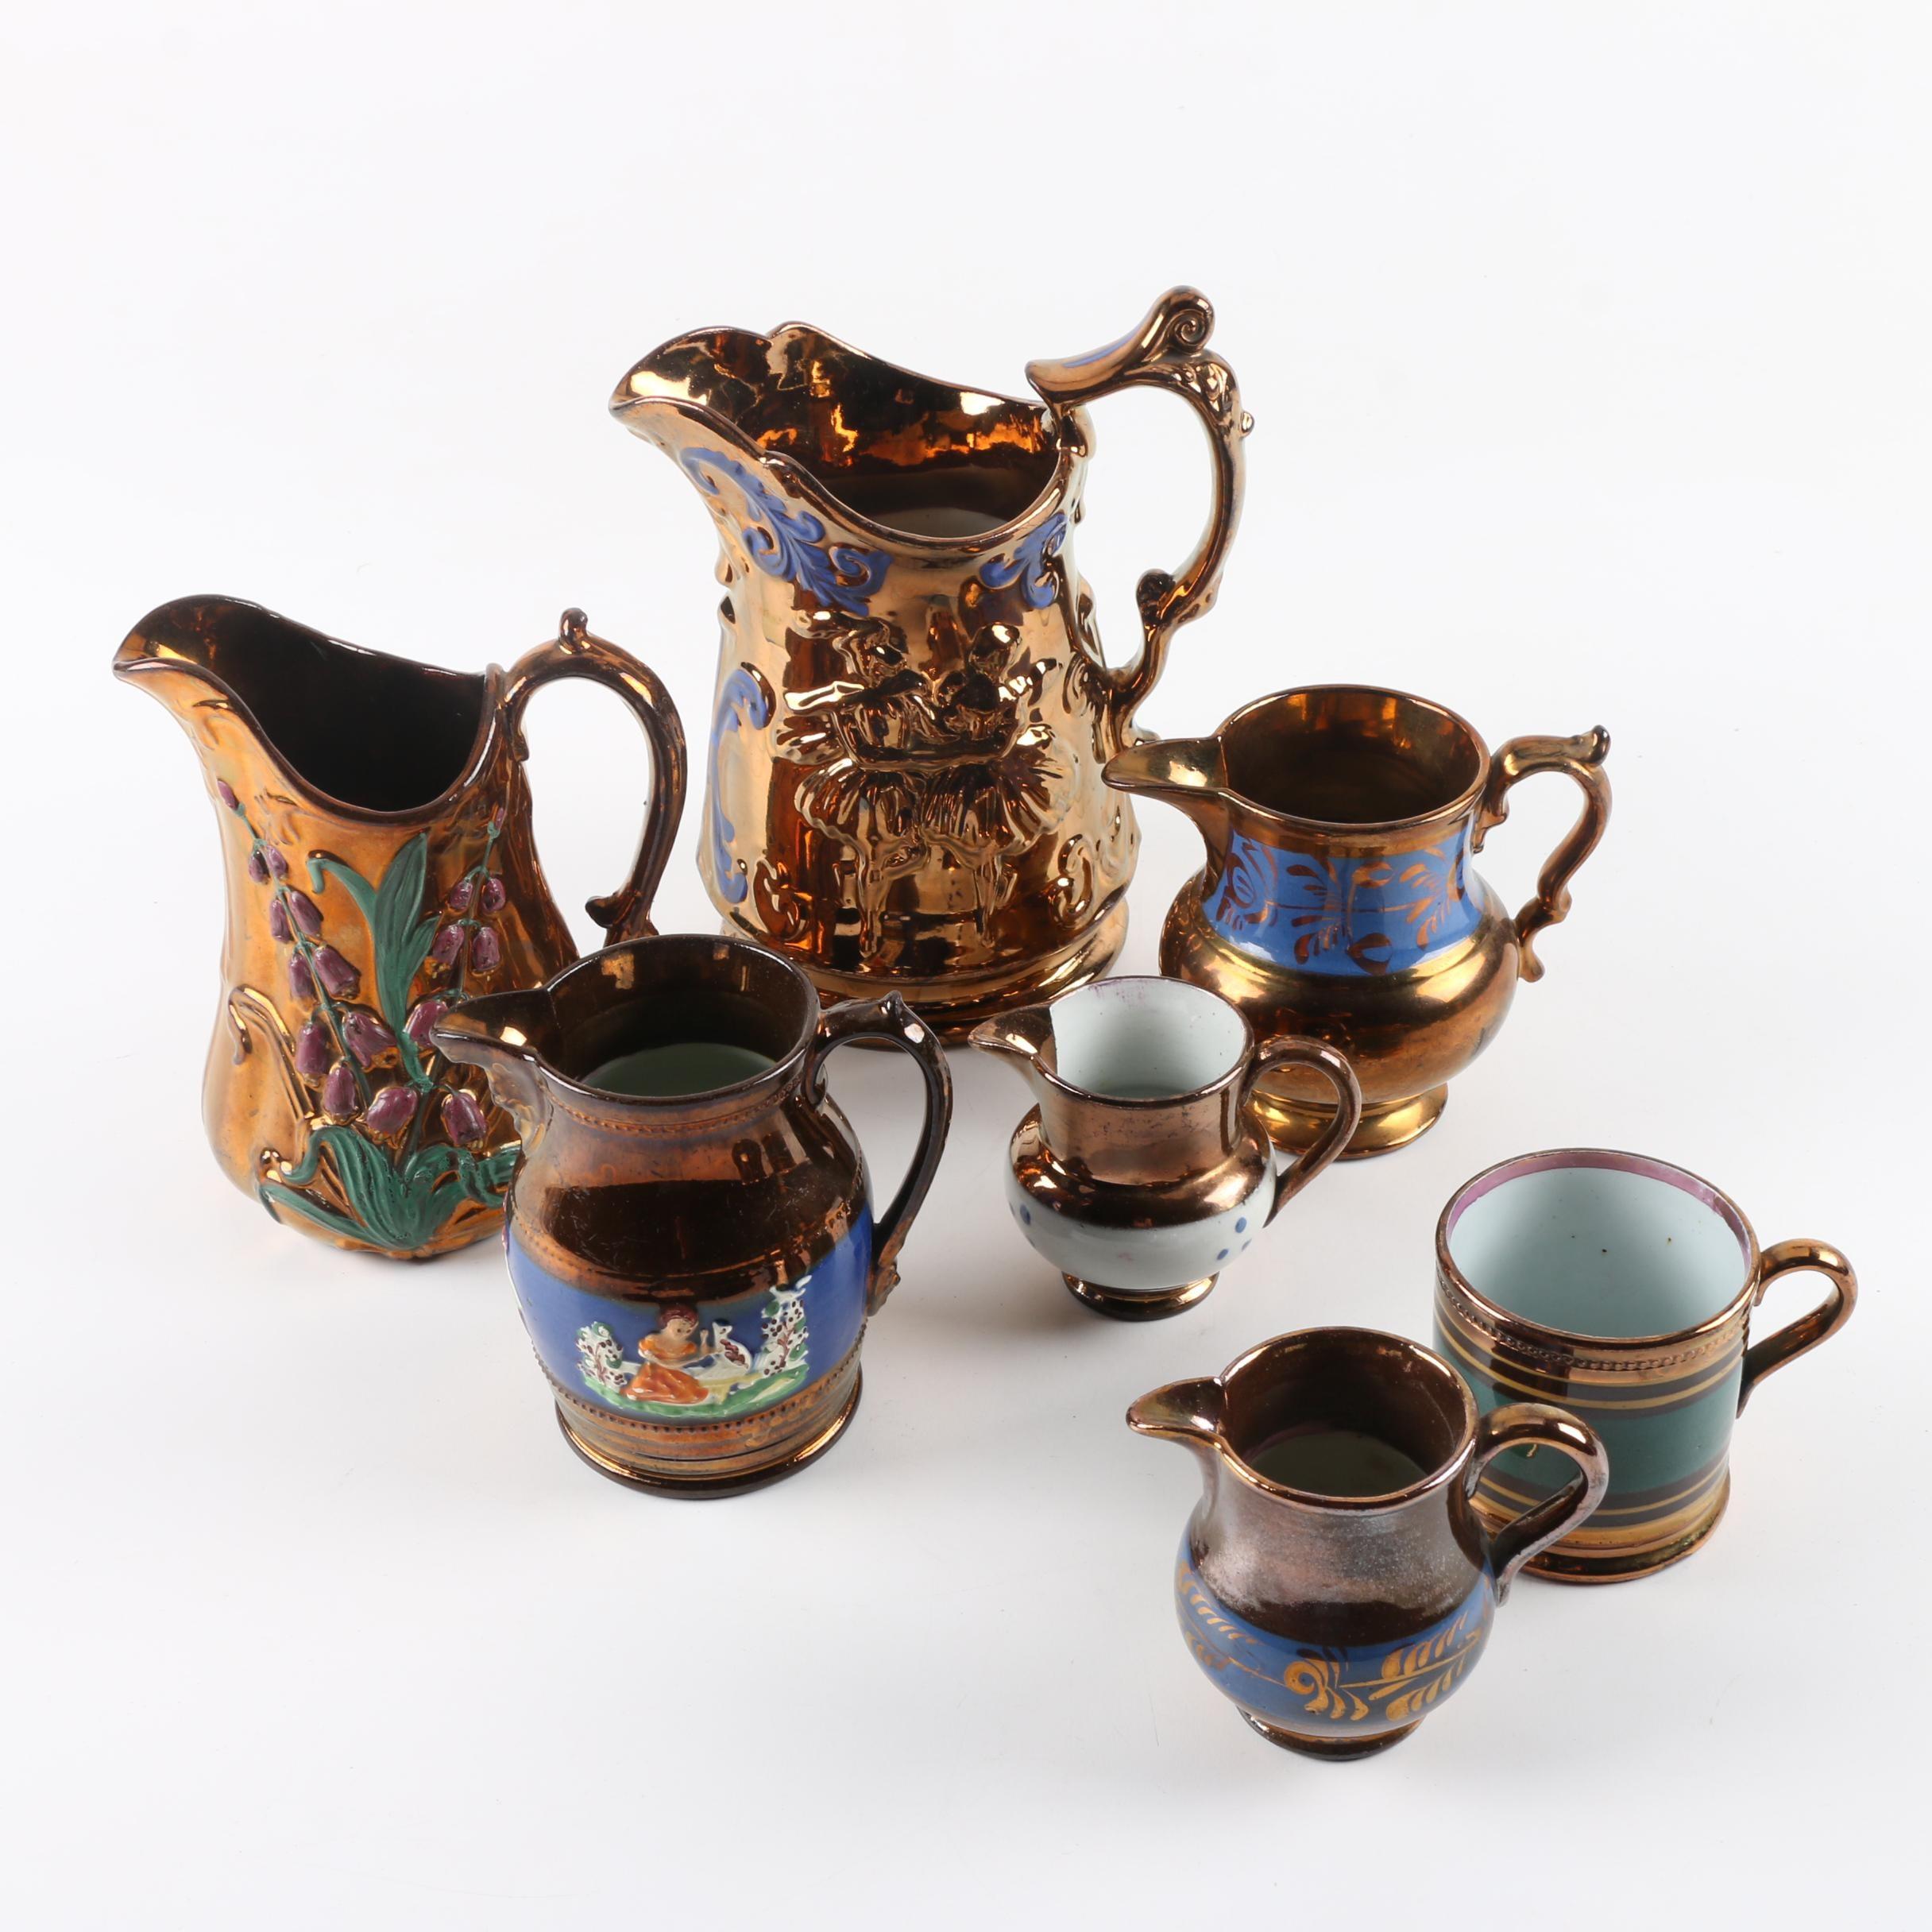 Antique English Copper Lusterware